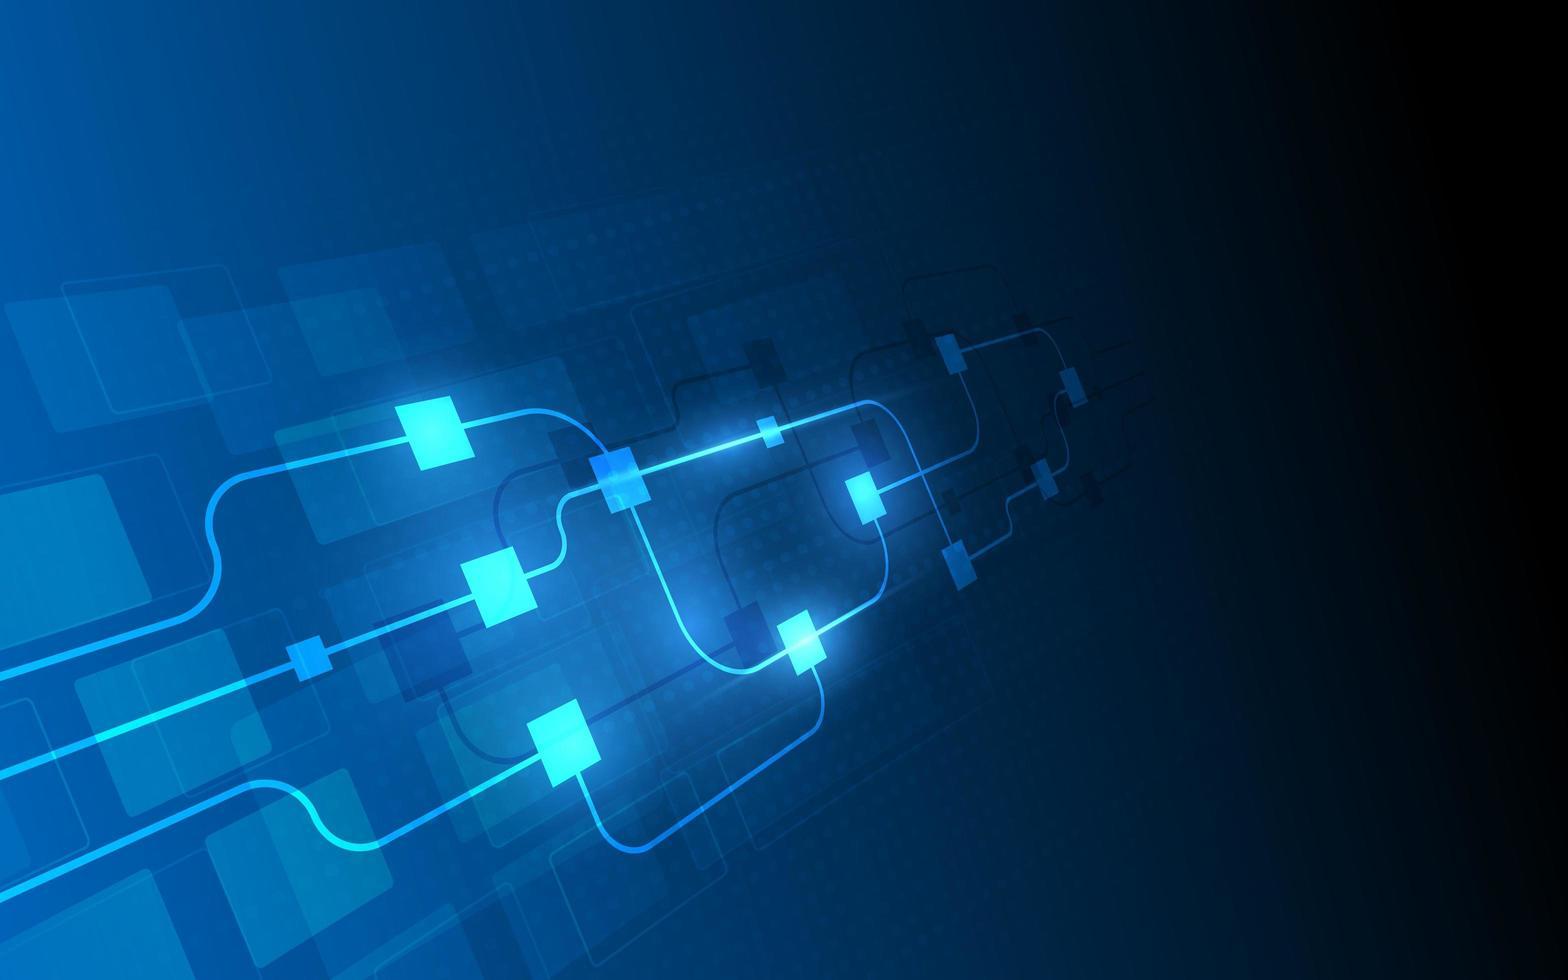 fond de blockchain circuit abstrait vecteur